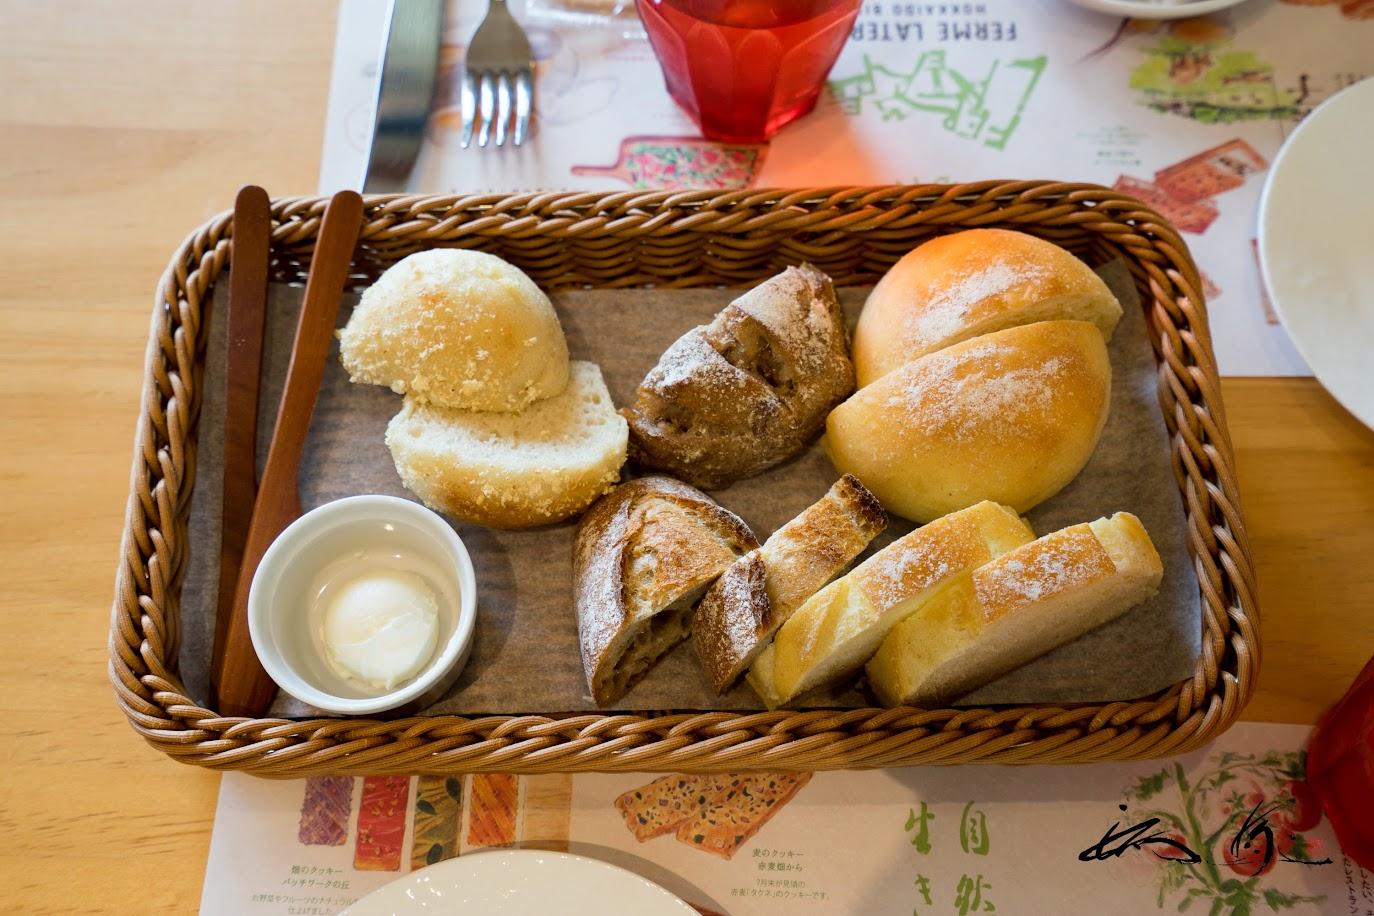 パンの盛り合わせ5種 ジャージーミルクバター付き